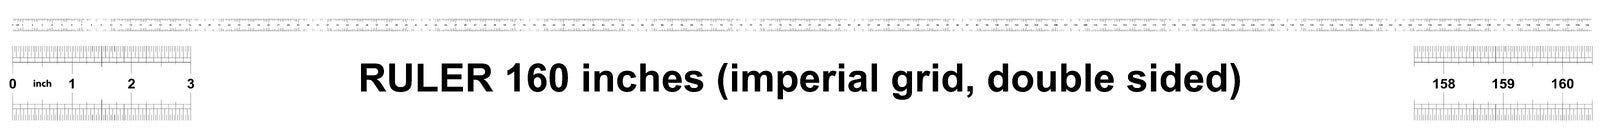 Правитель 160 дюймов имперский Цена разделения 1/32 дюймов Двойник правителя встал на сторону Точный измеряя инструмент Решетка т бесплатная иллюстрация